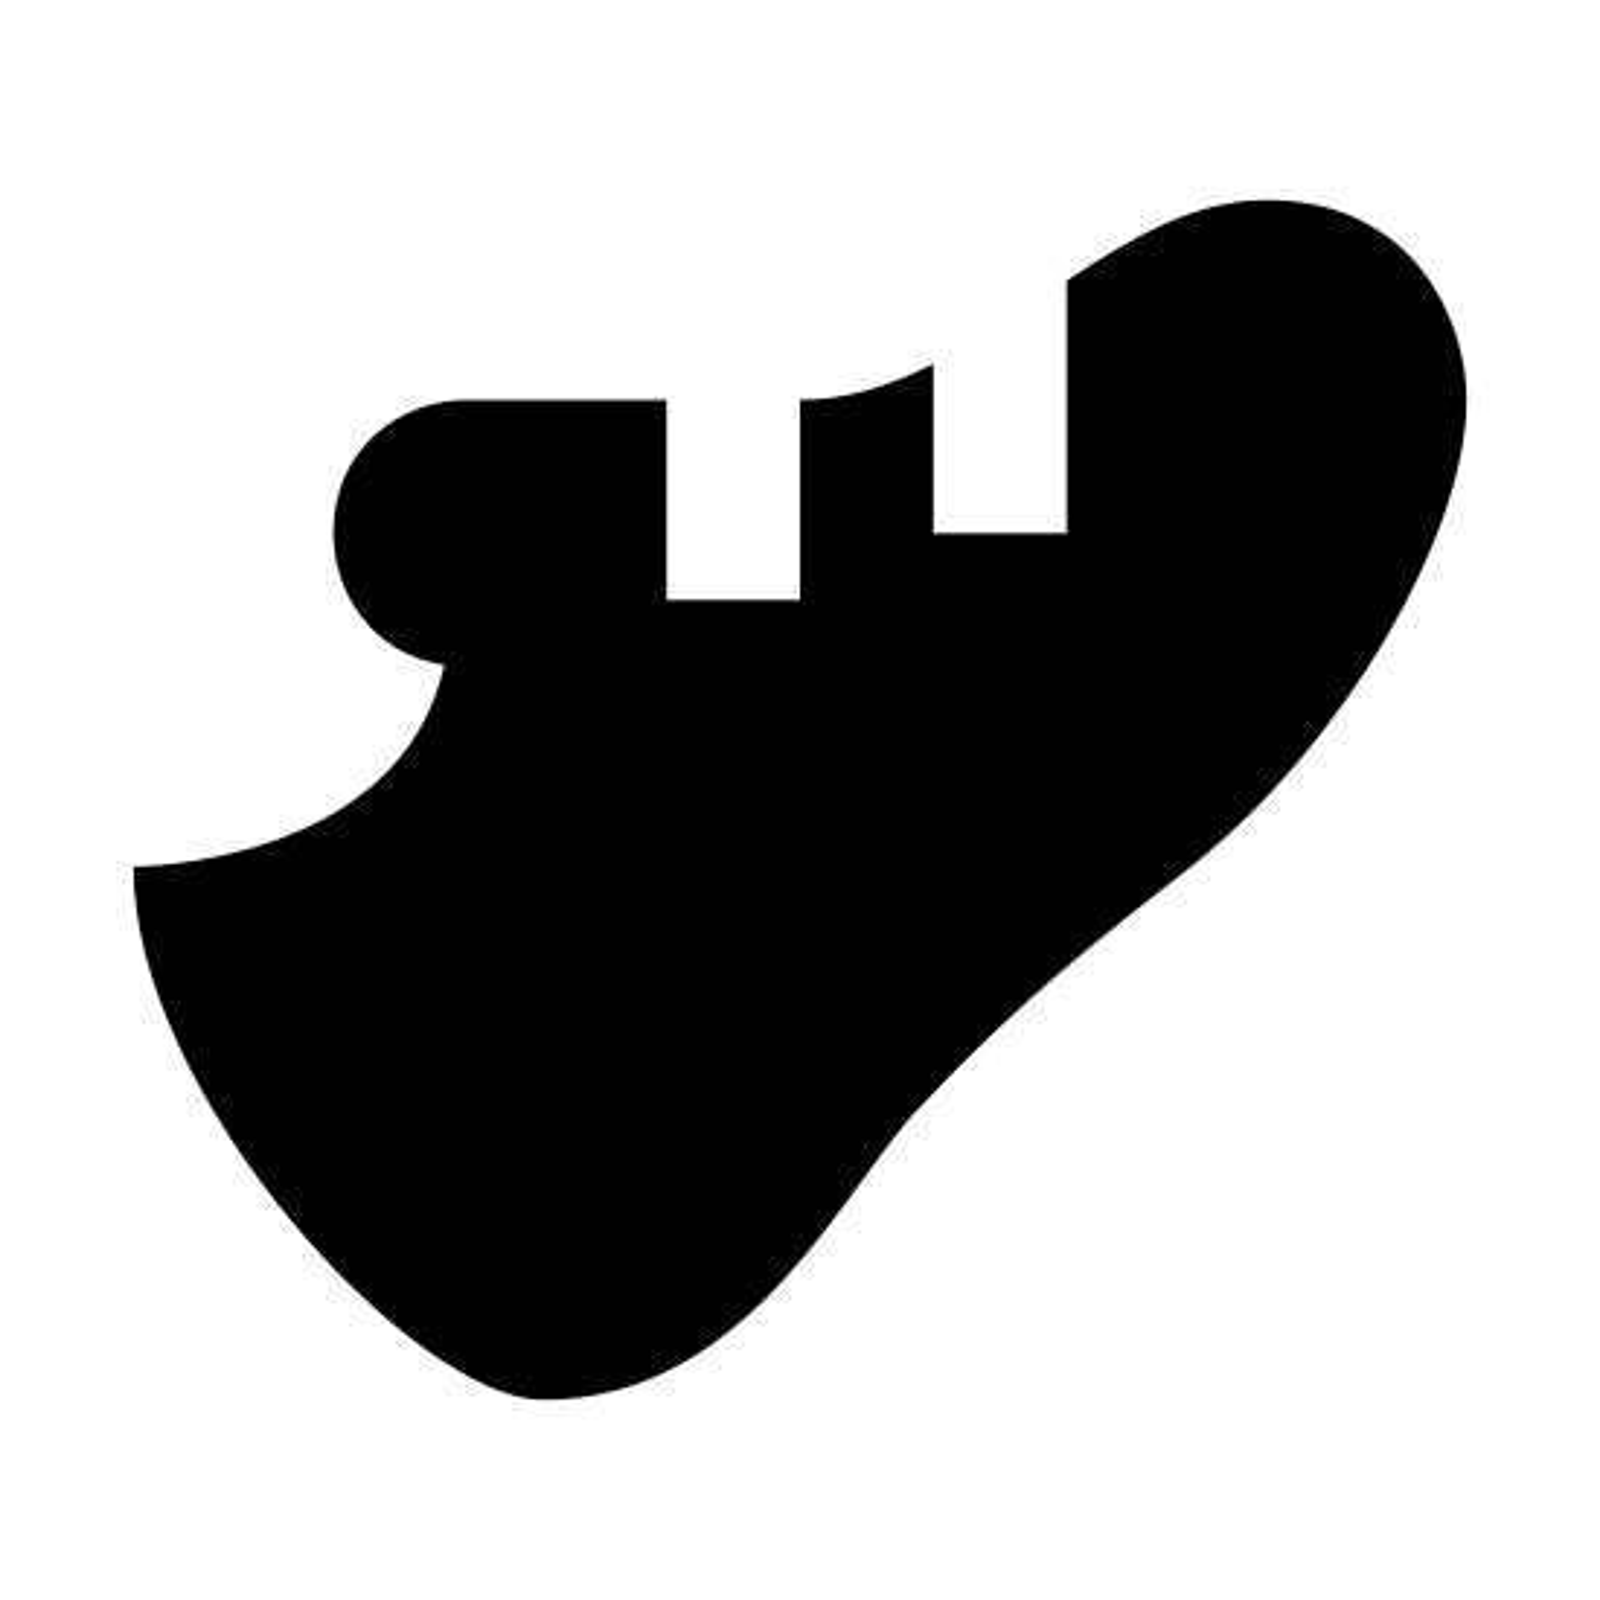 运动鞋 icon